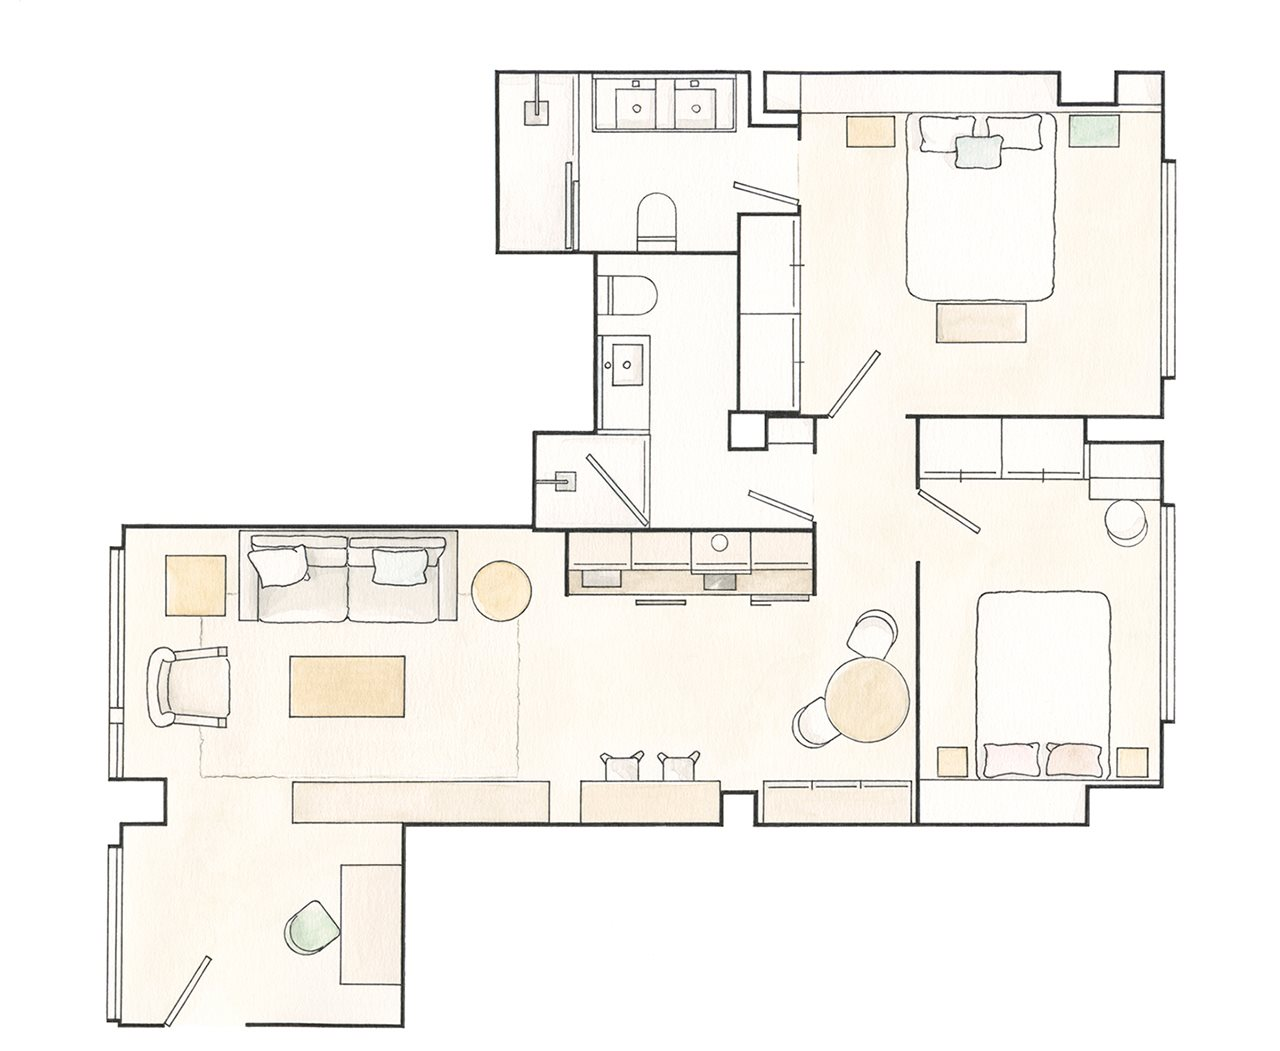 Plano piso. 65 m2 Un pequeño y cómodo apartamento plano